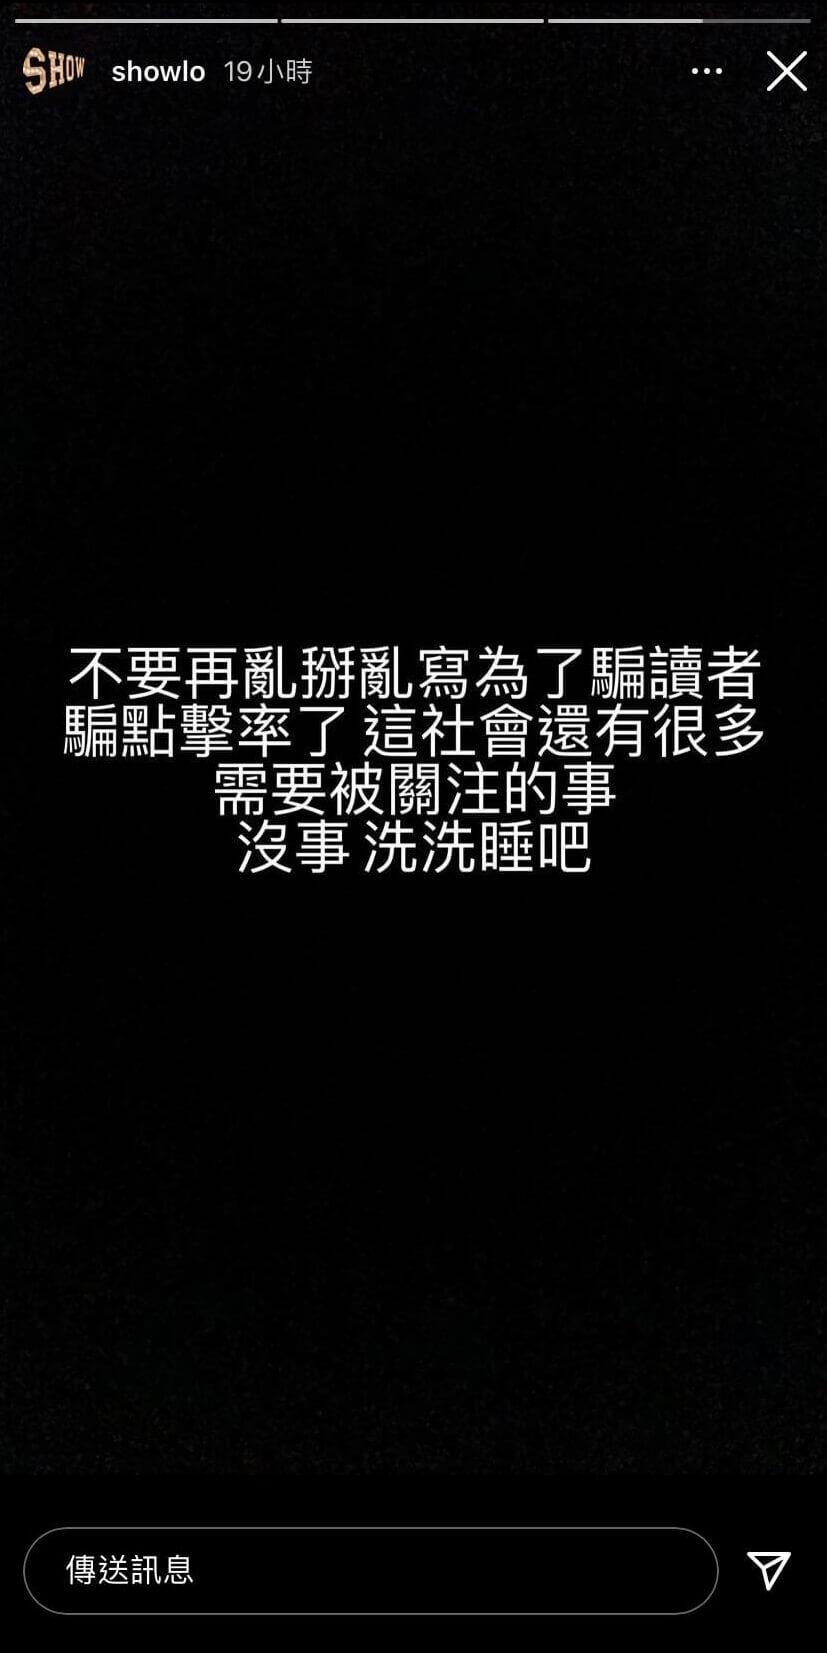 罗志祥「八卦之乱」调侃回击被骂爆!工作人员急解释:他也无奈插图7